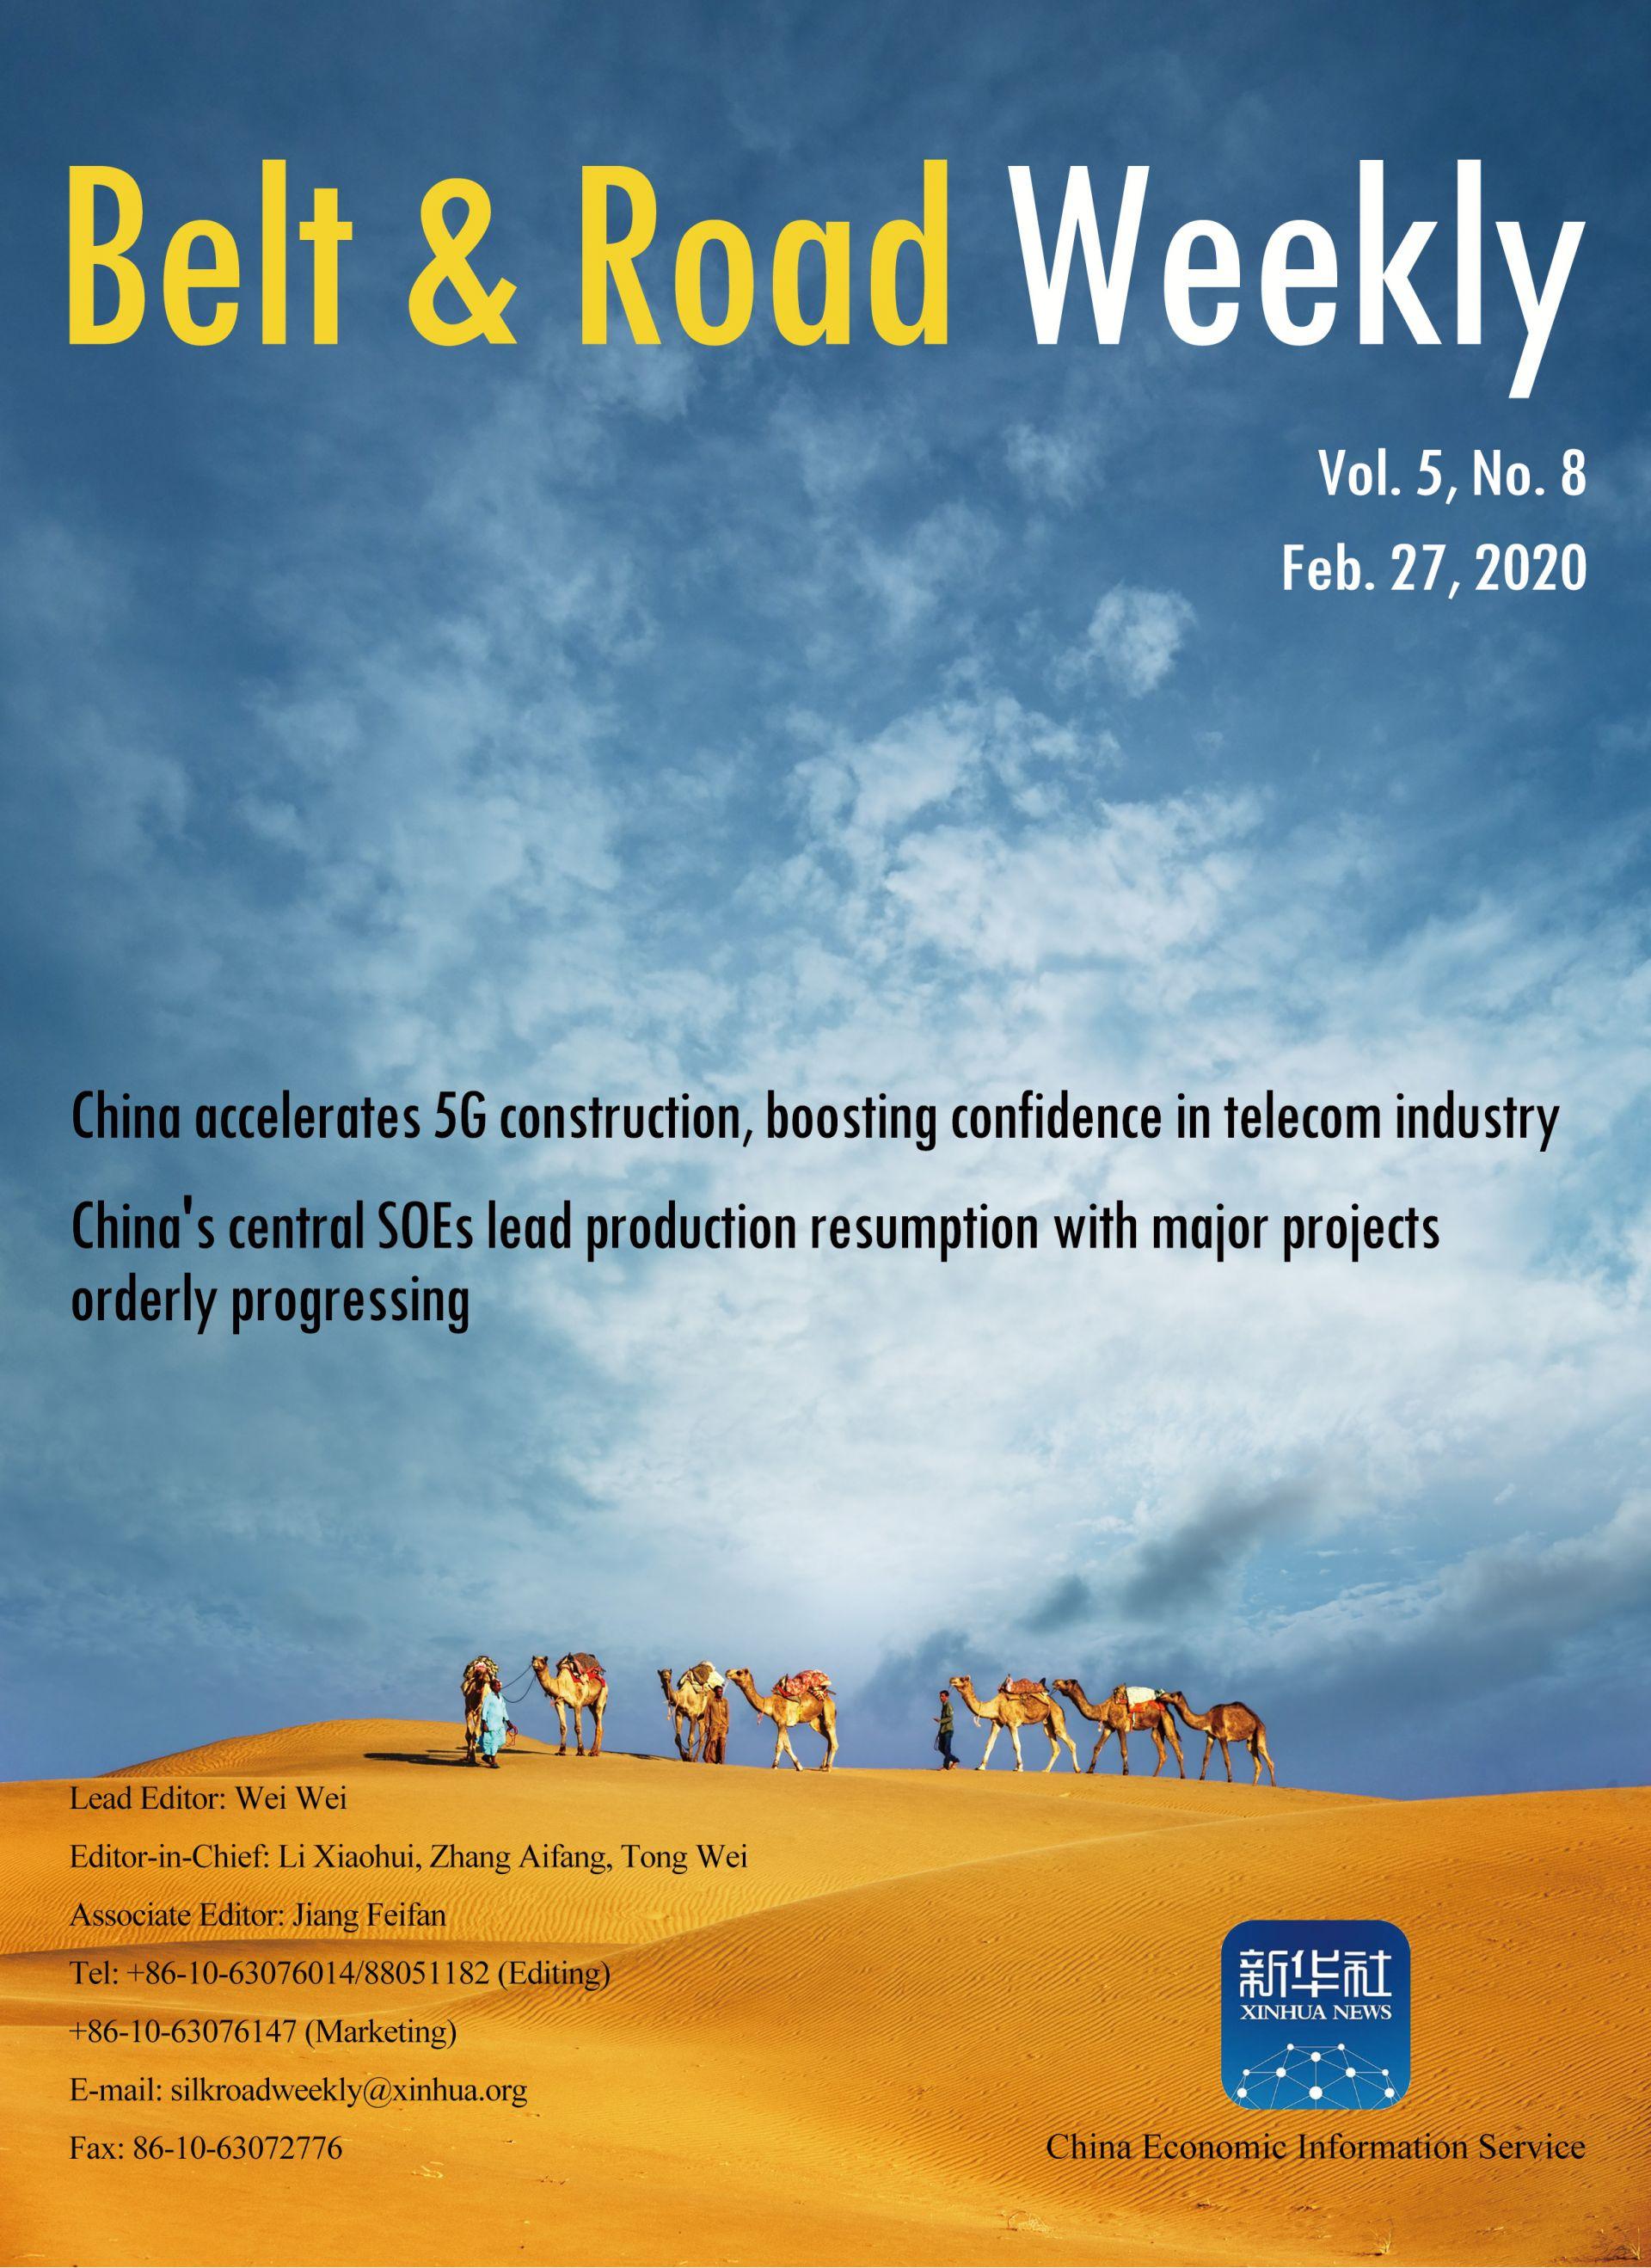 Belt & Road Weekly Vol. 5 No. 8